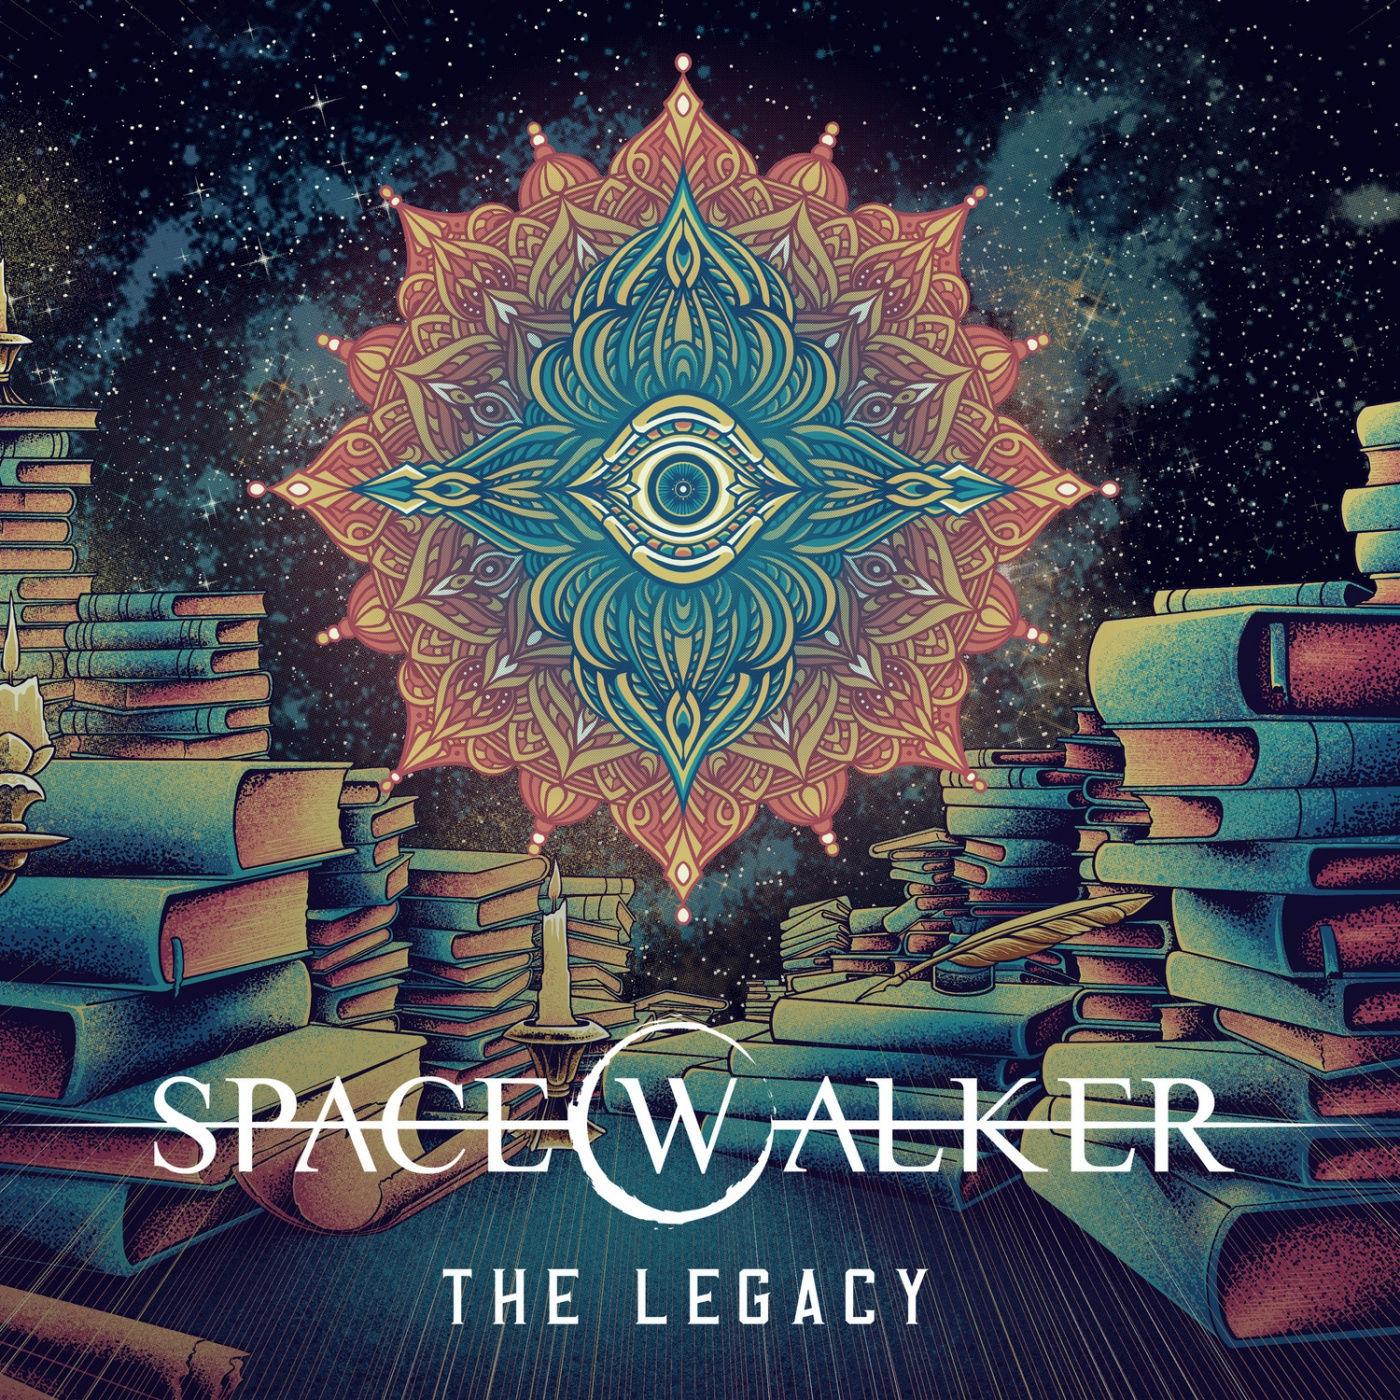 Spacewalker - The Legacy